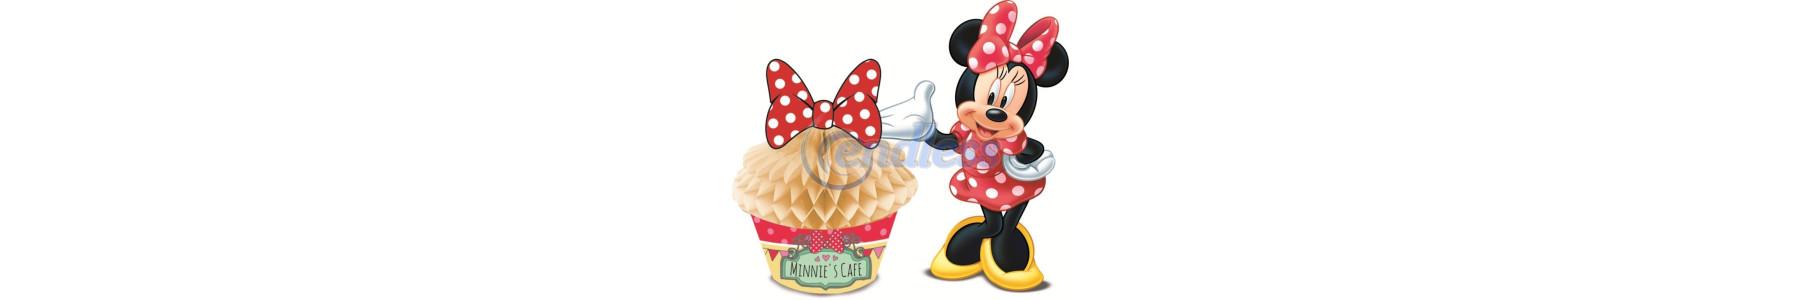 Articole de petrecere copii Minnie Cafe